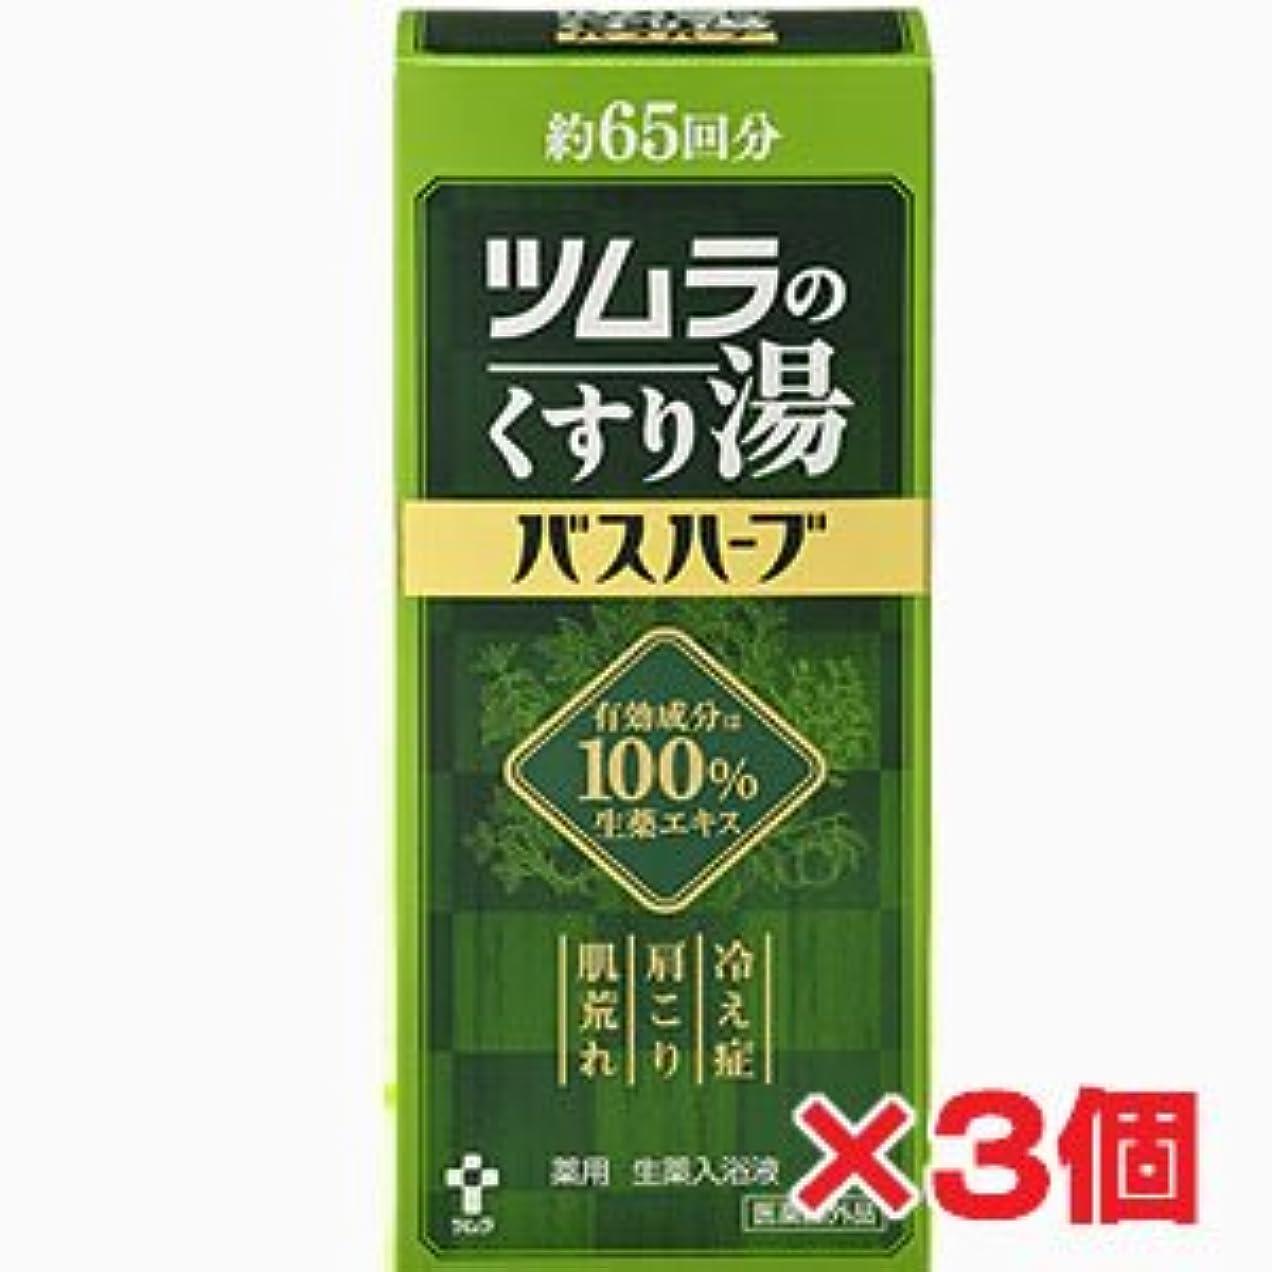 突撃コンソール贅沢な【3本】ツムラのくすり湯 バスハーブ 650ml×3本